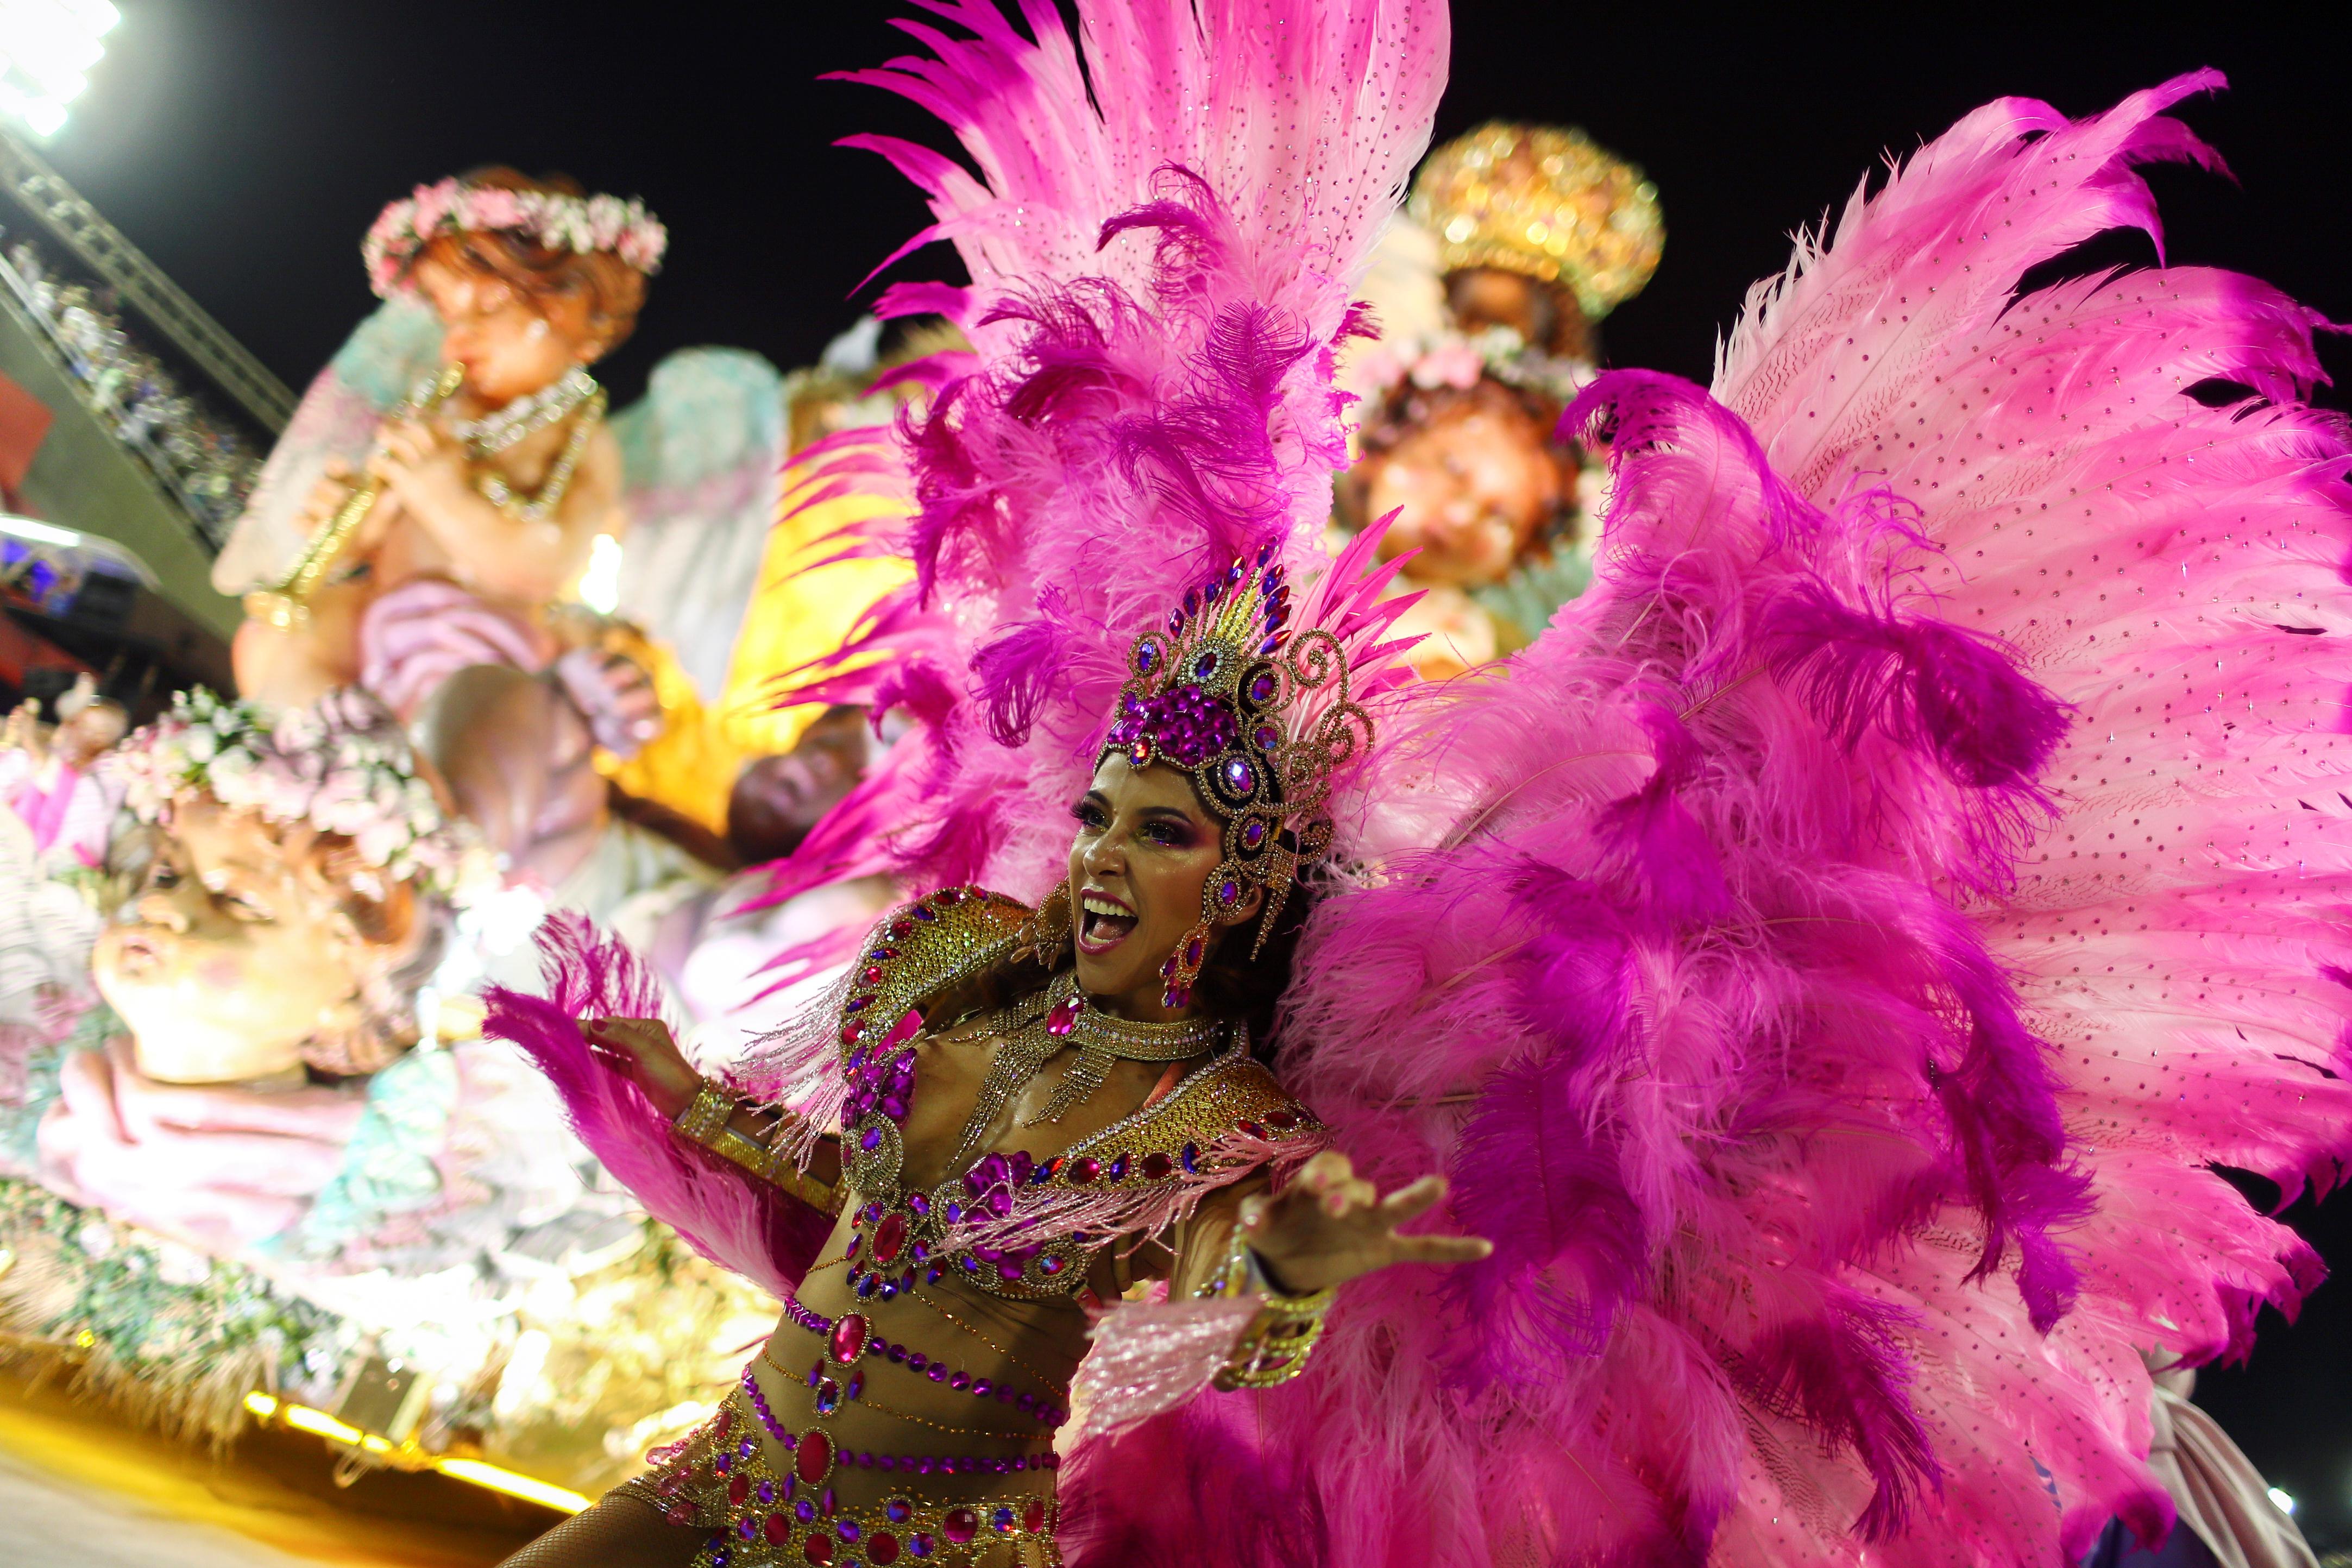 Una bailarina de la escuela Mangueira (REUTERS/Pilar Olivares)